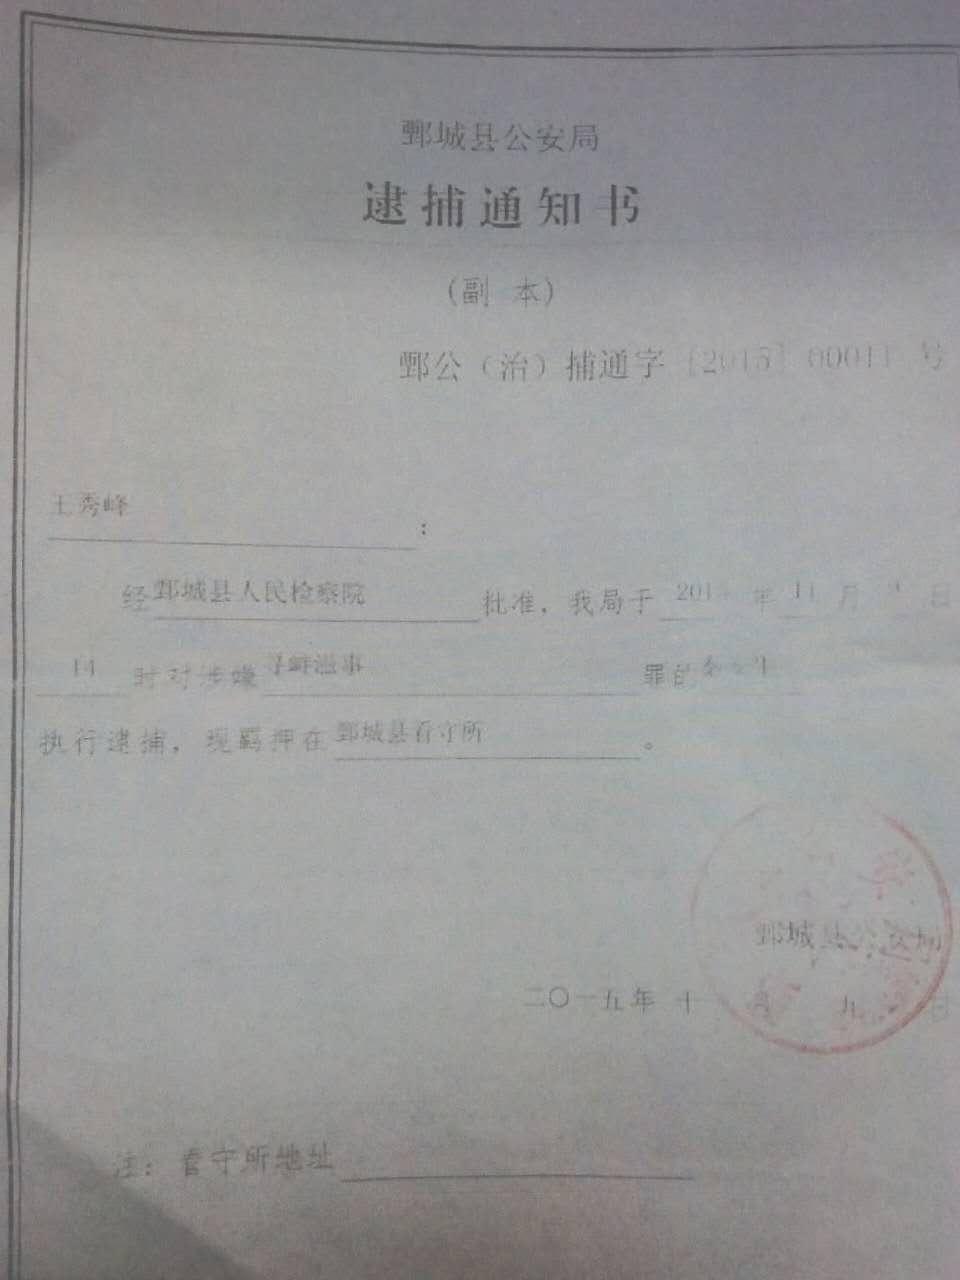 陈淑钗:山东菏泽市访民秦安生被以寻衅滋事罪刑拘